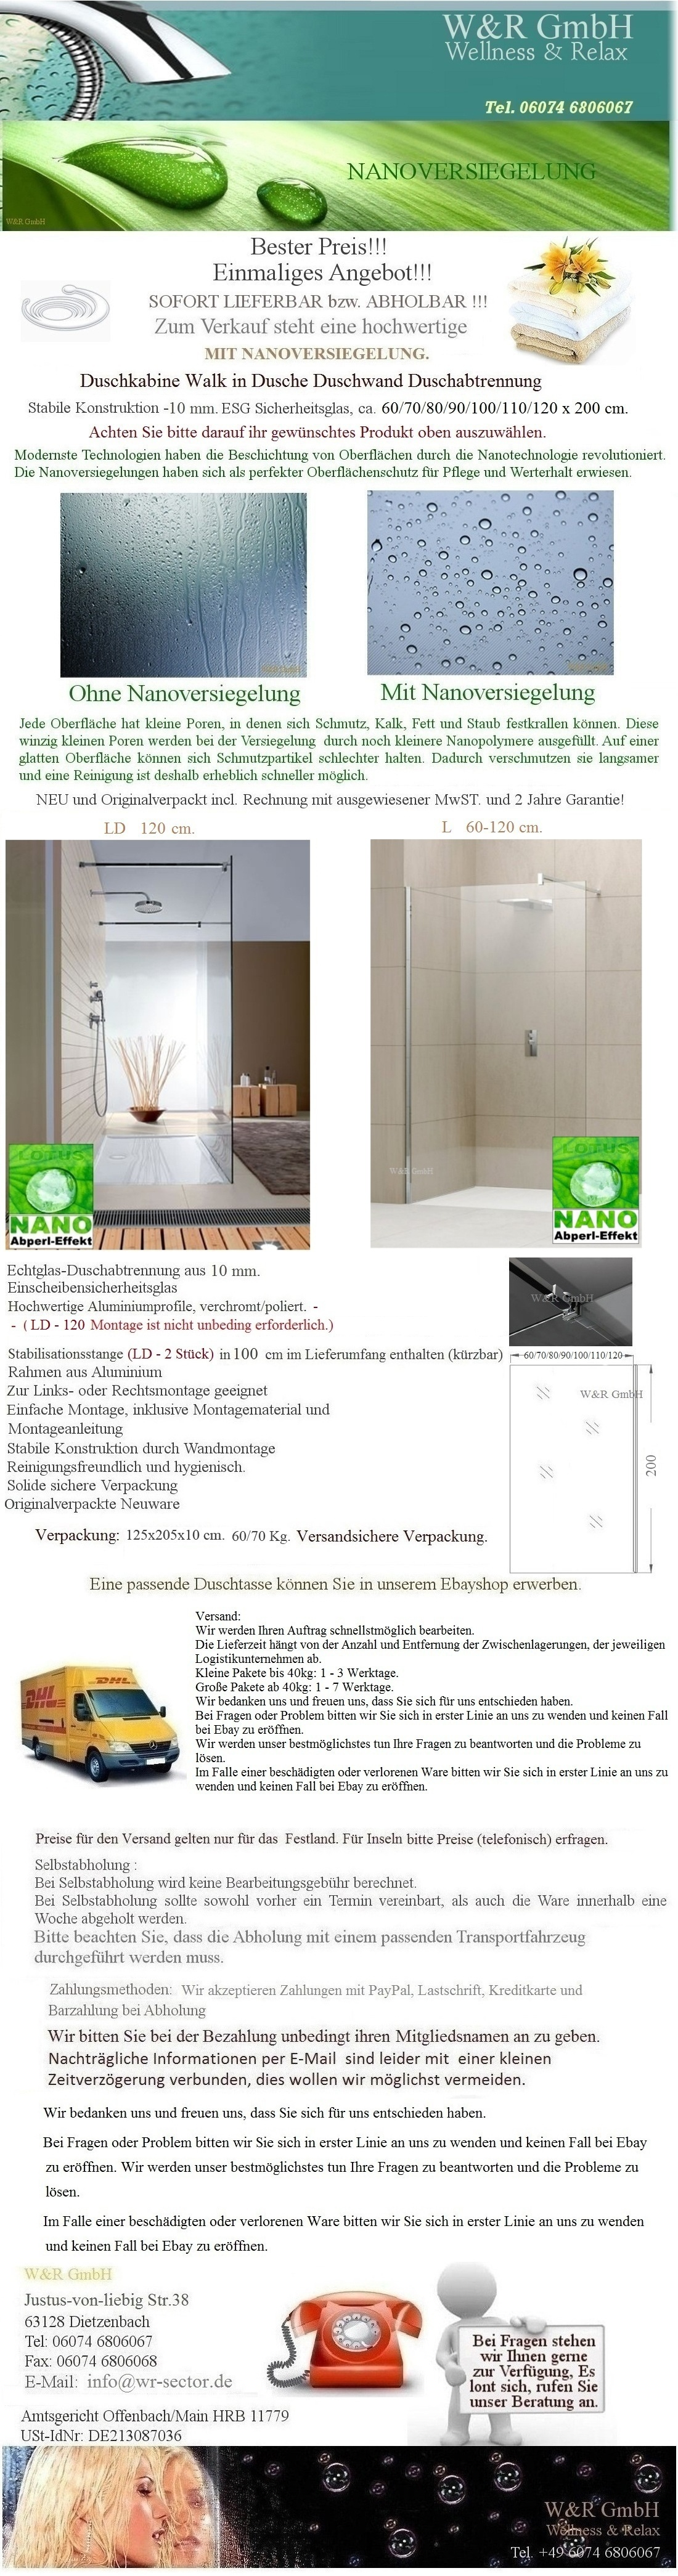 duschkabine walk in dusche duschwand duschabtrennung 10 mm nano glas 60 120x200 ebay. Black Bedroom Furniture Sets. Home Design Ideas